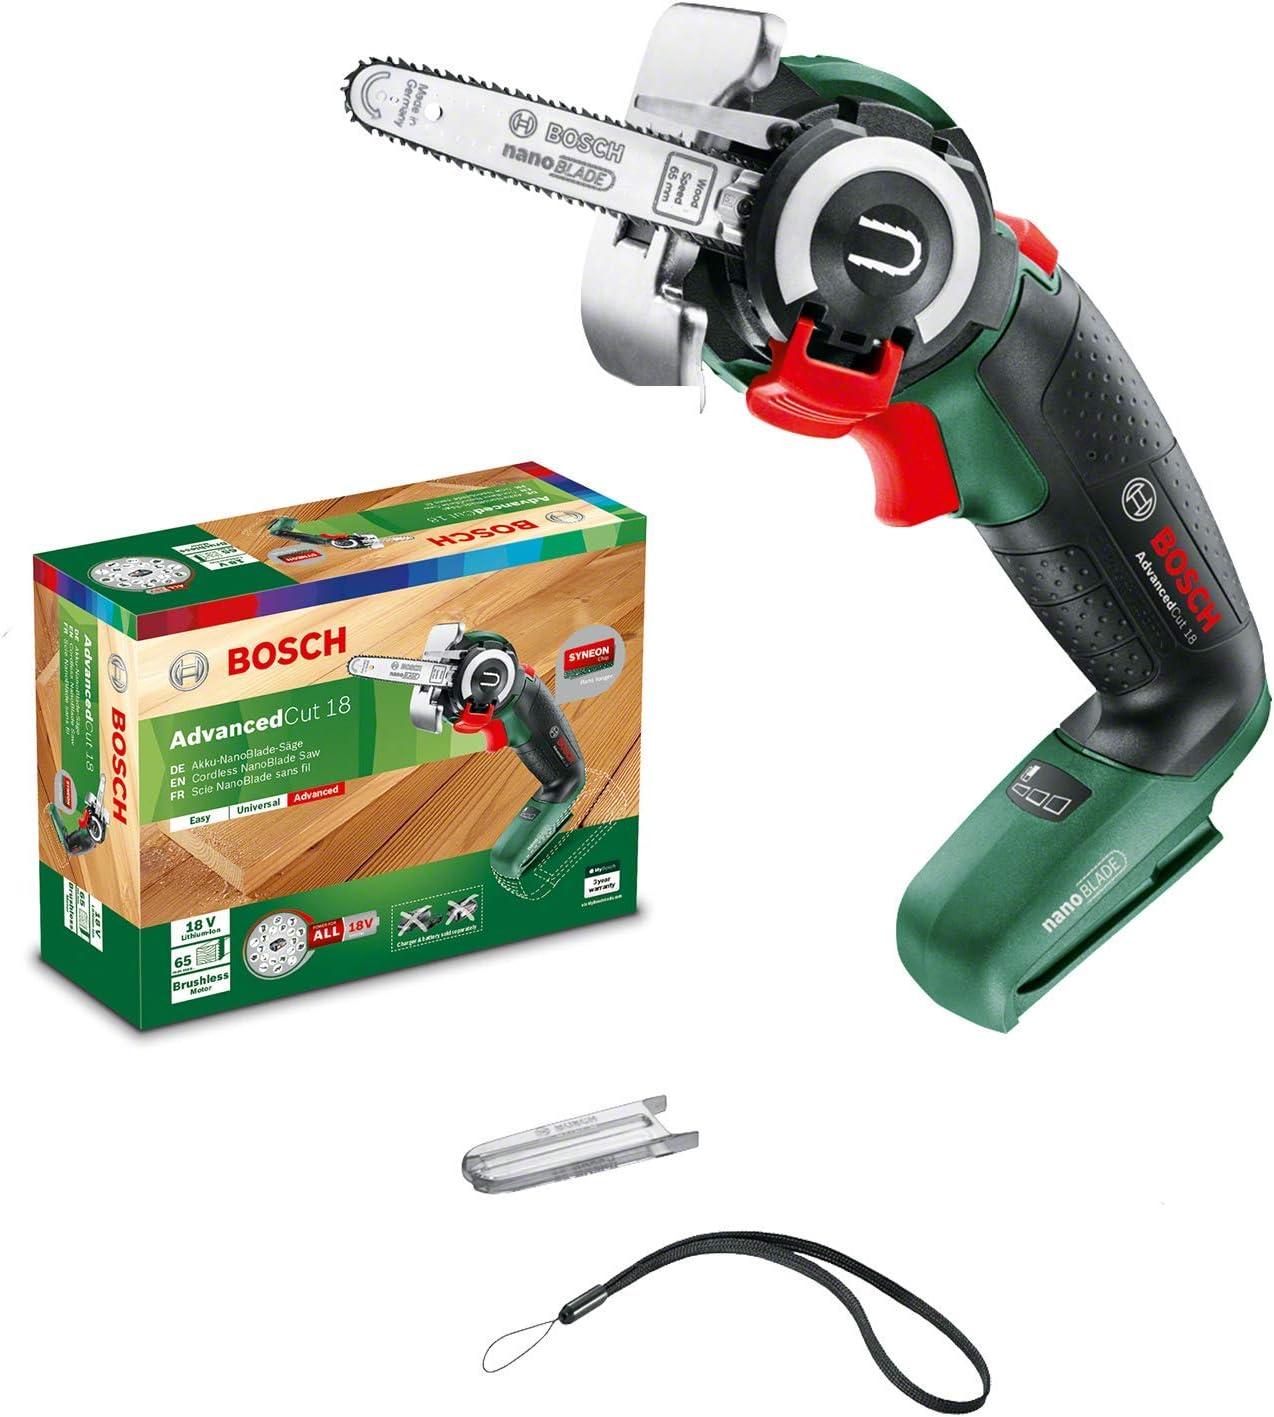 Bosch Advanced Cut 18 - Sierra de cadena 18V (sin batería ni cargador, incluye caja de cartón)